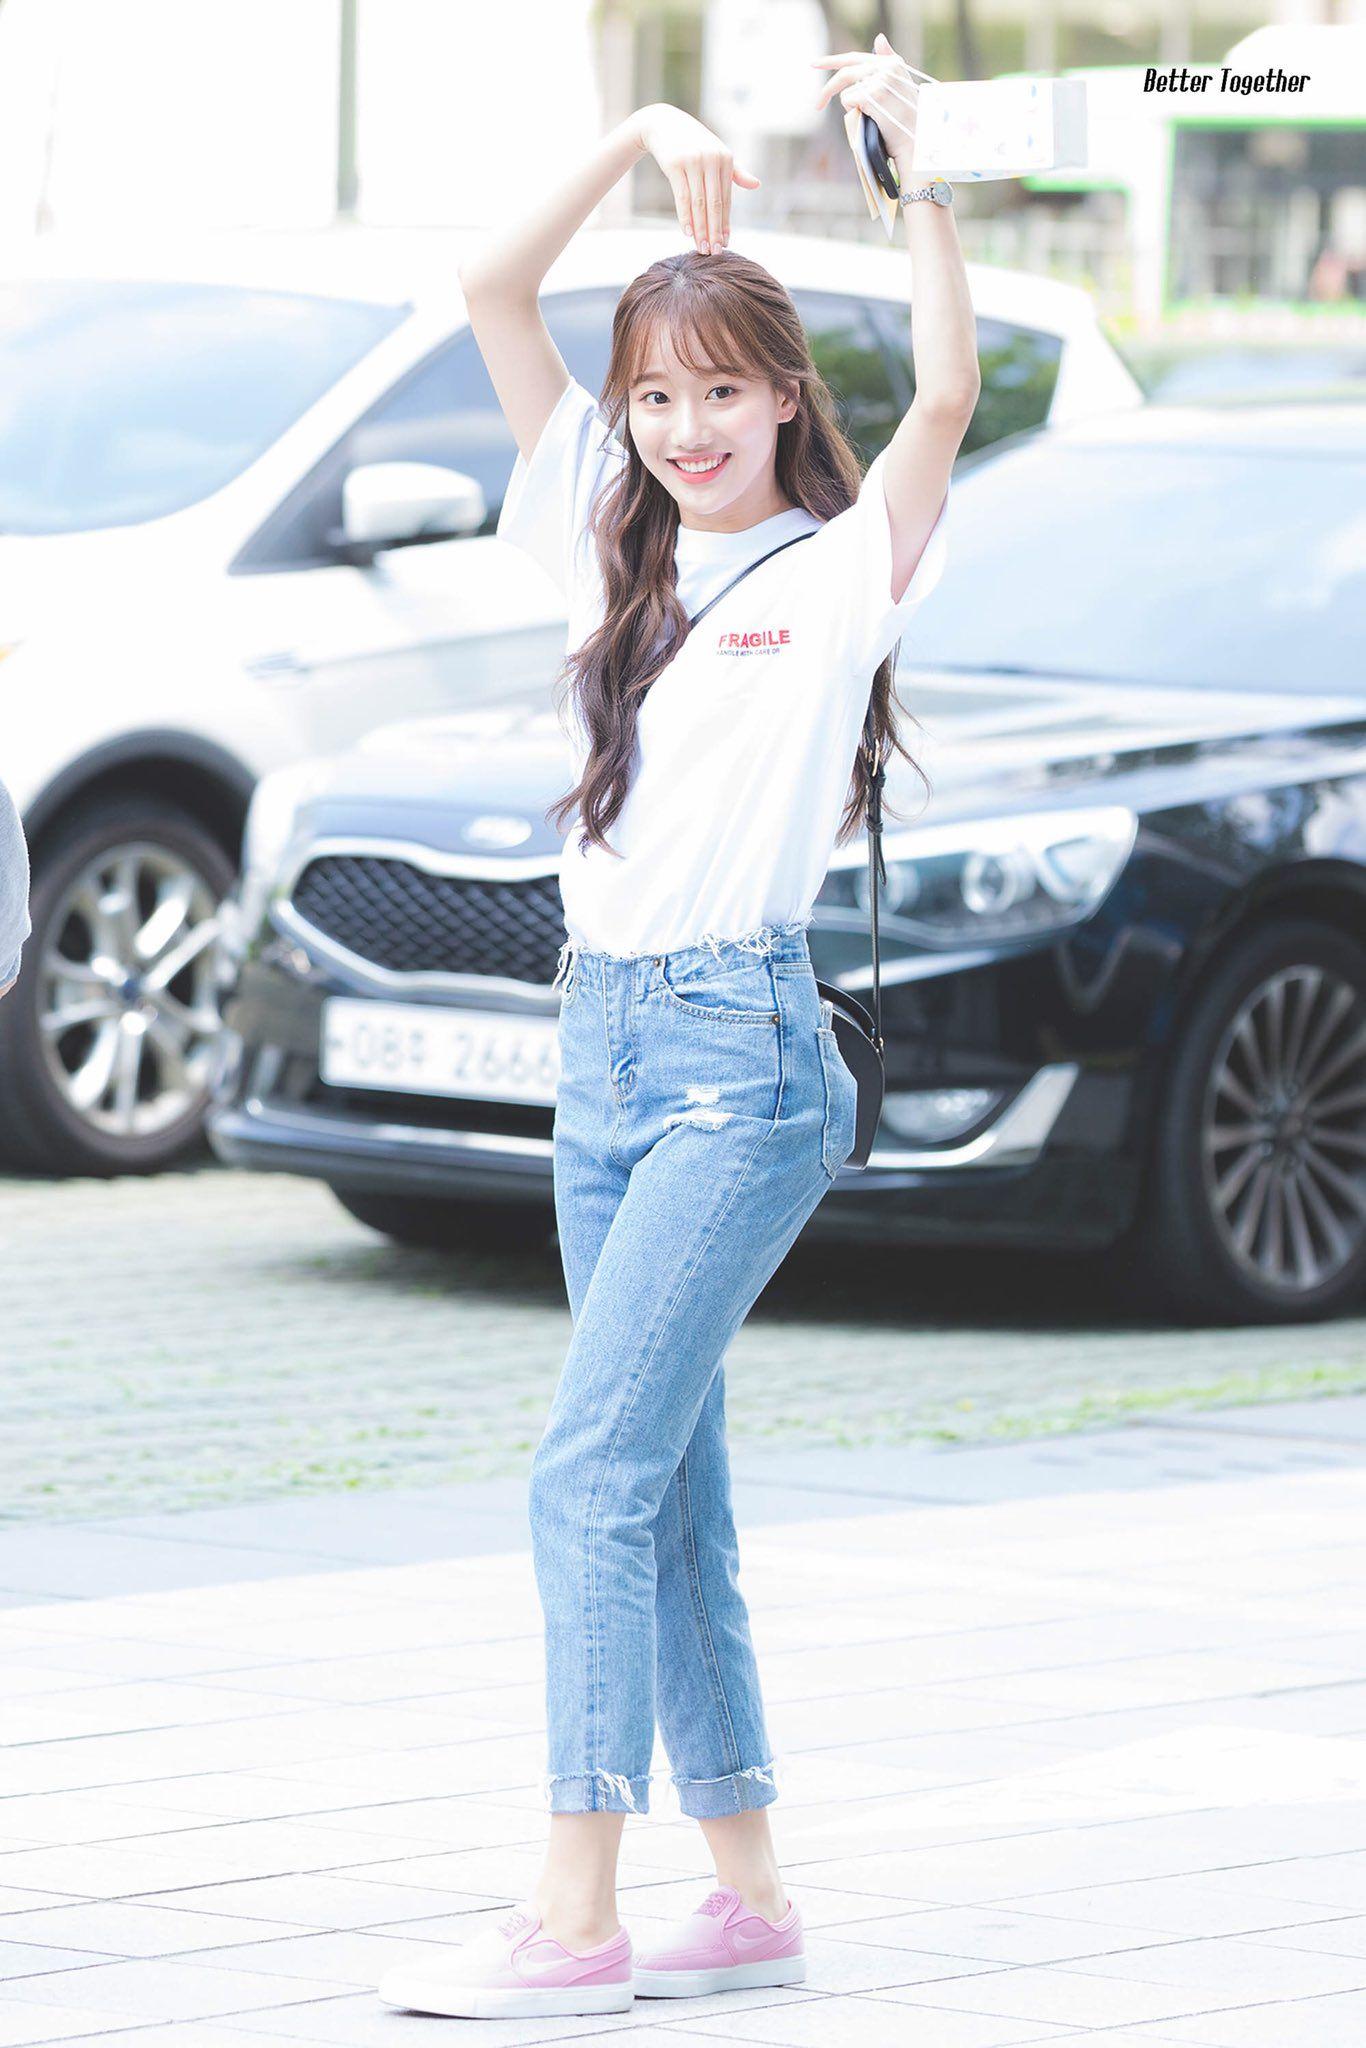 Imagini pentru Naeun april in jeans